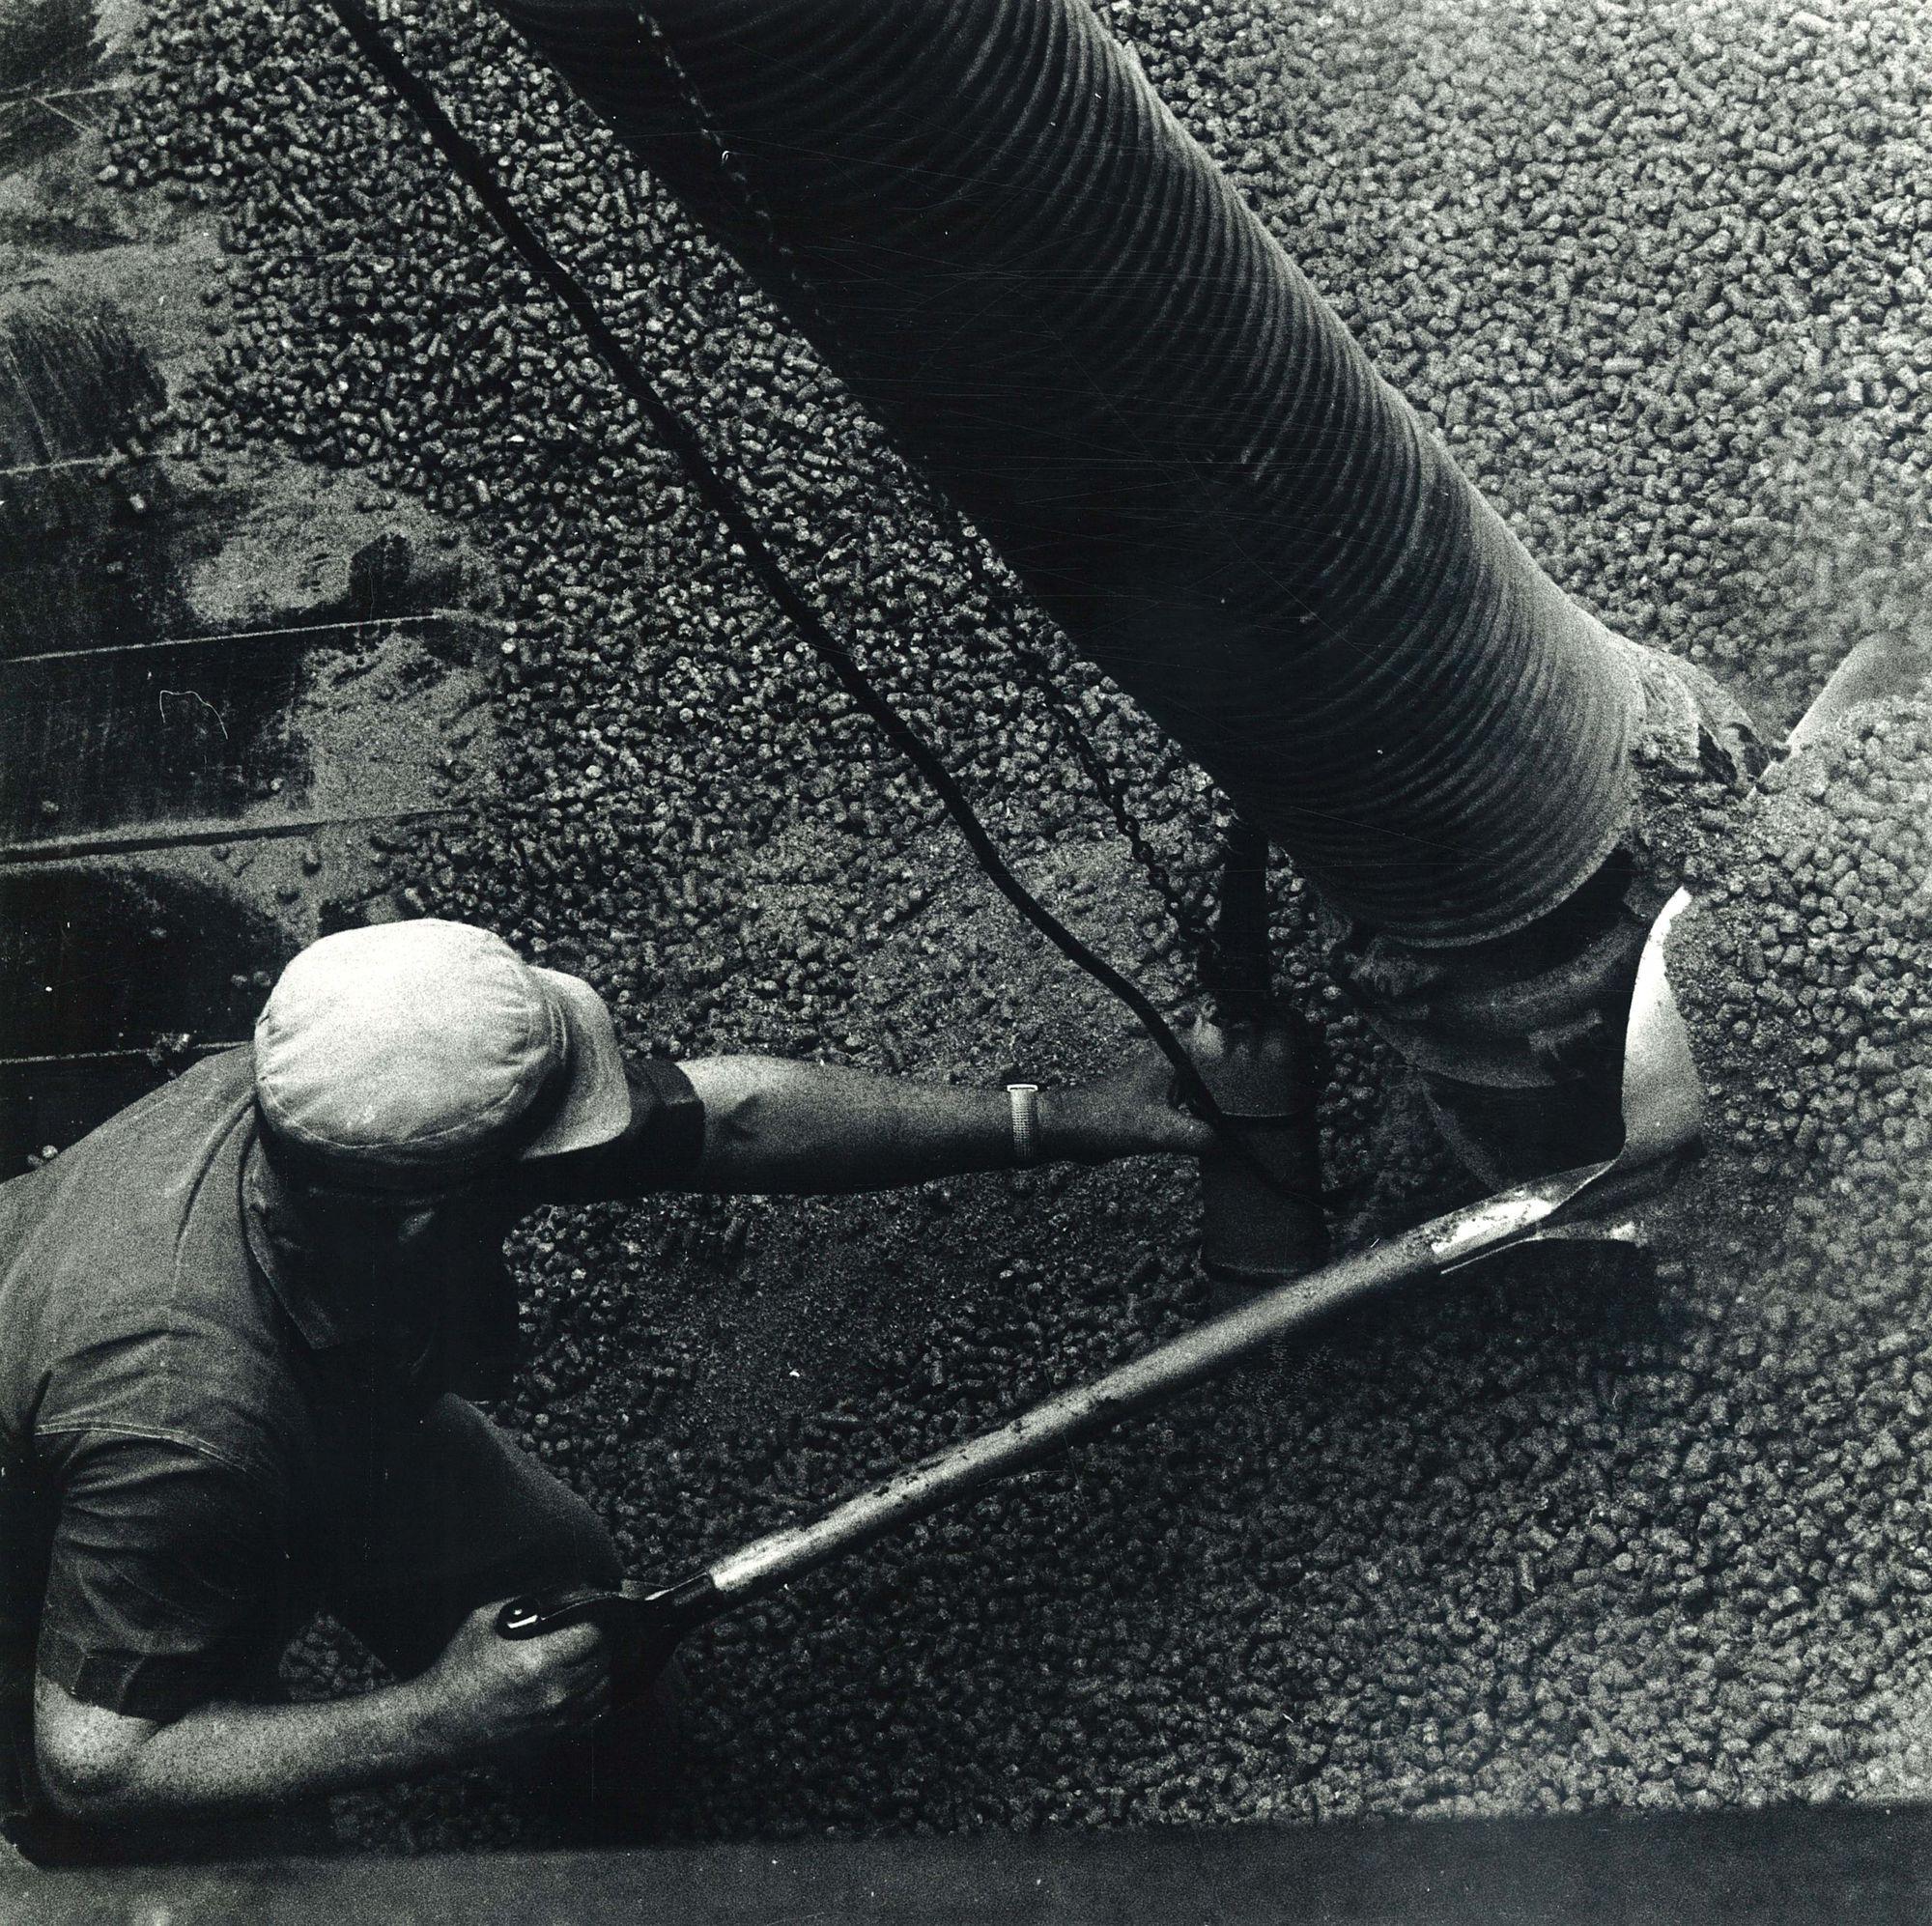 Lossen van scheepsruim in Roeselare 1972